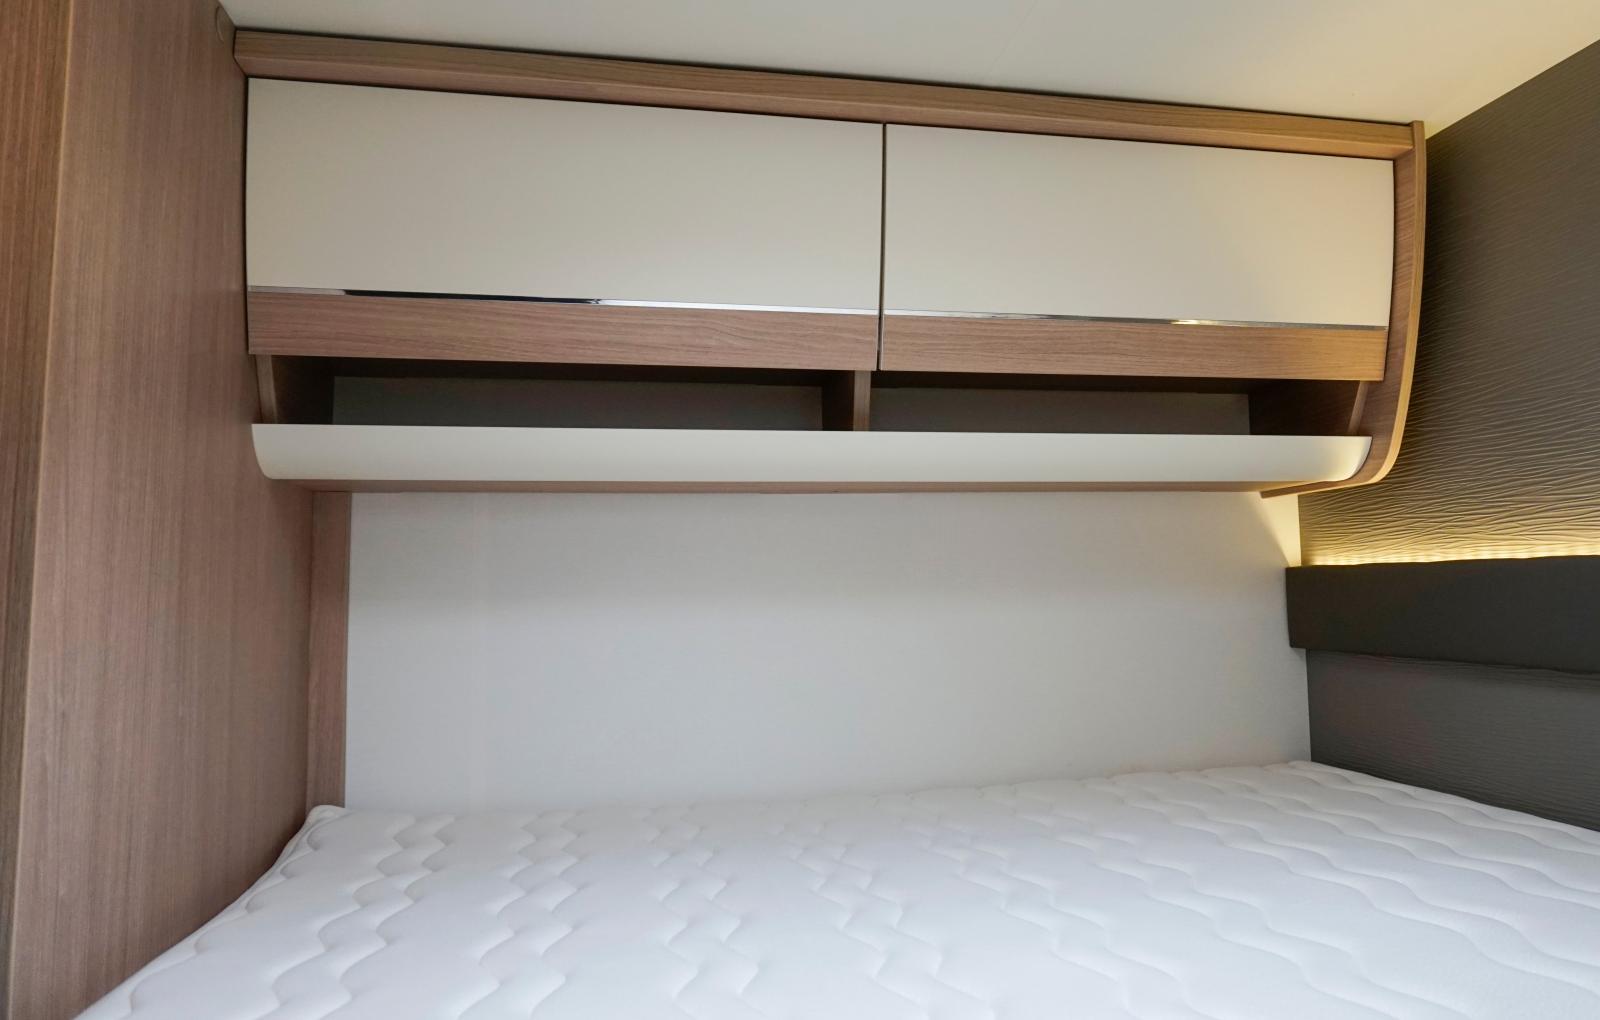 Överskåp på ena sidan, läslampor och fönster på andra sidan. Snygg väggpanel kallad TEP.